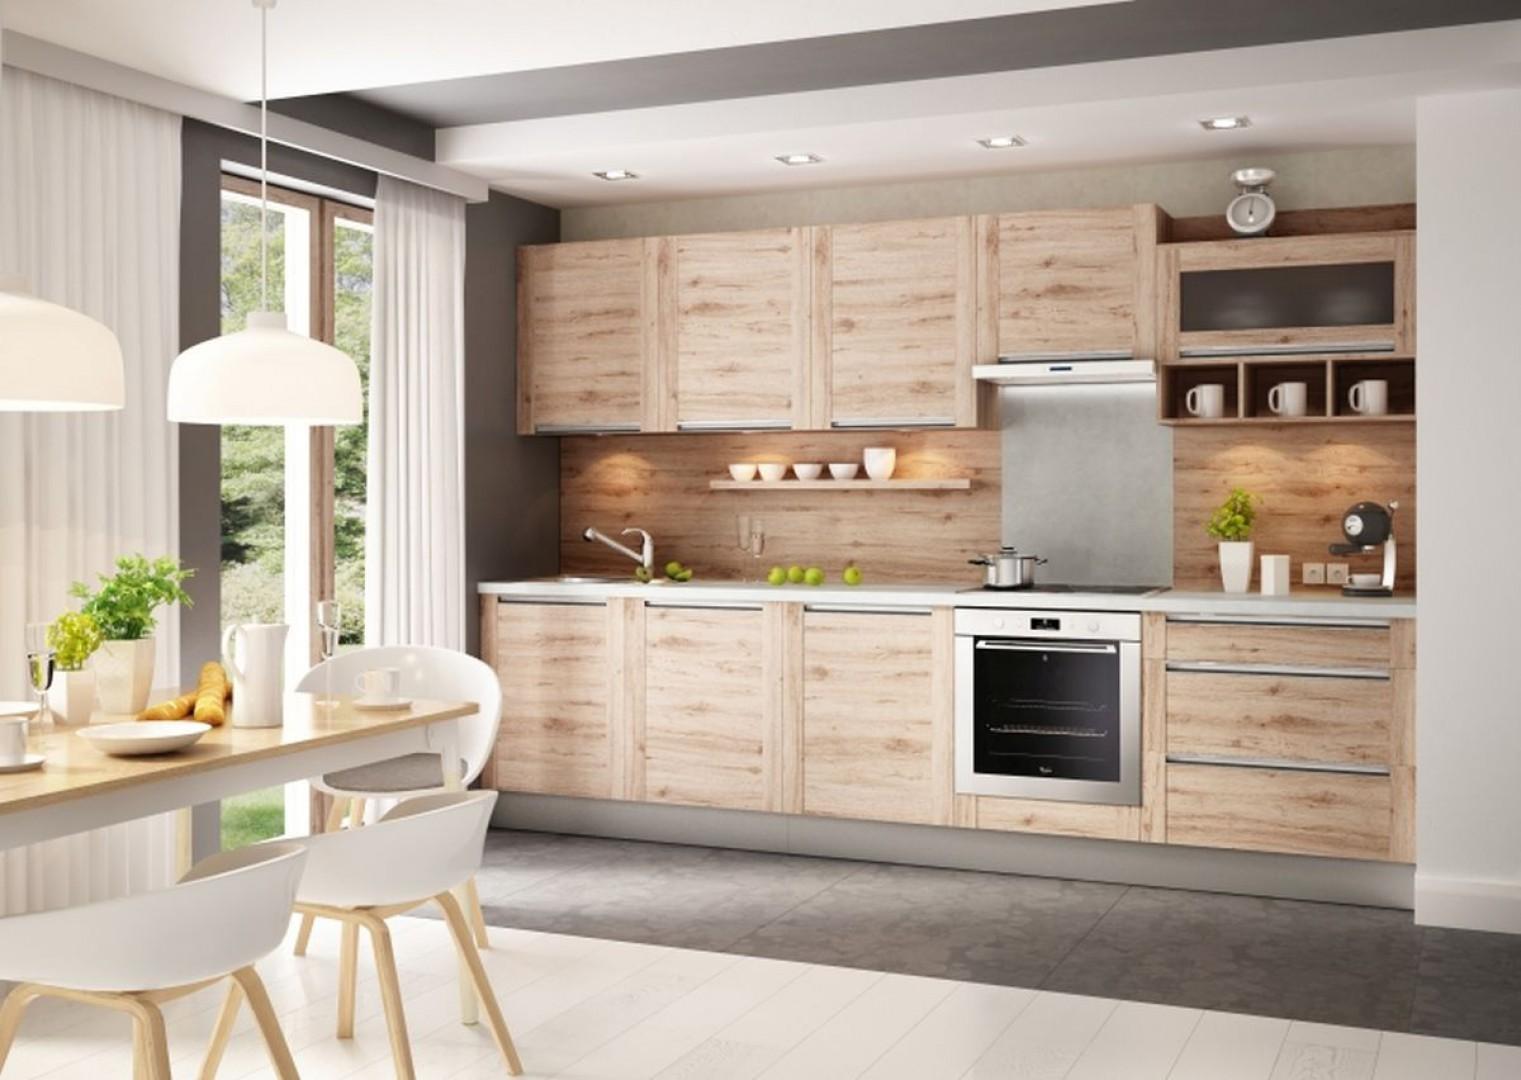 Zabudowa kuchenna, w której zastosowano uchwyty wpuszczane w postaci listew umieszczonych na całej szerokości frontu. Fot. Kam